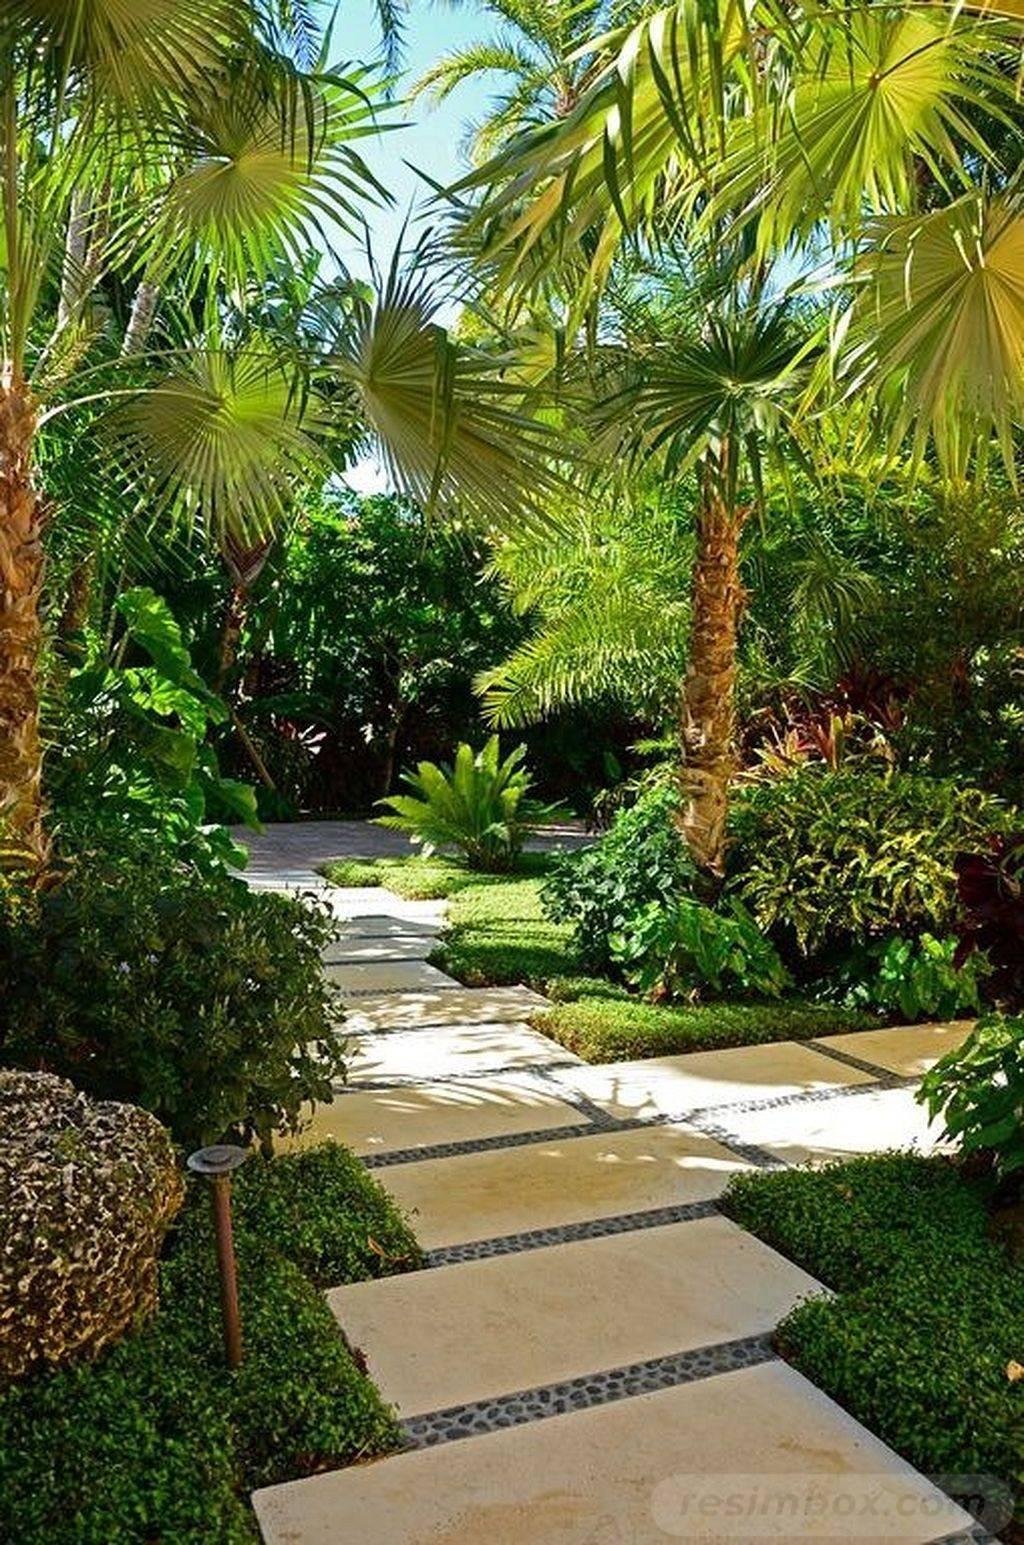 tropical garden ideas-168040629833544053